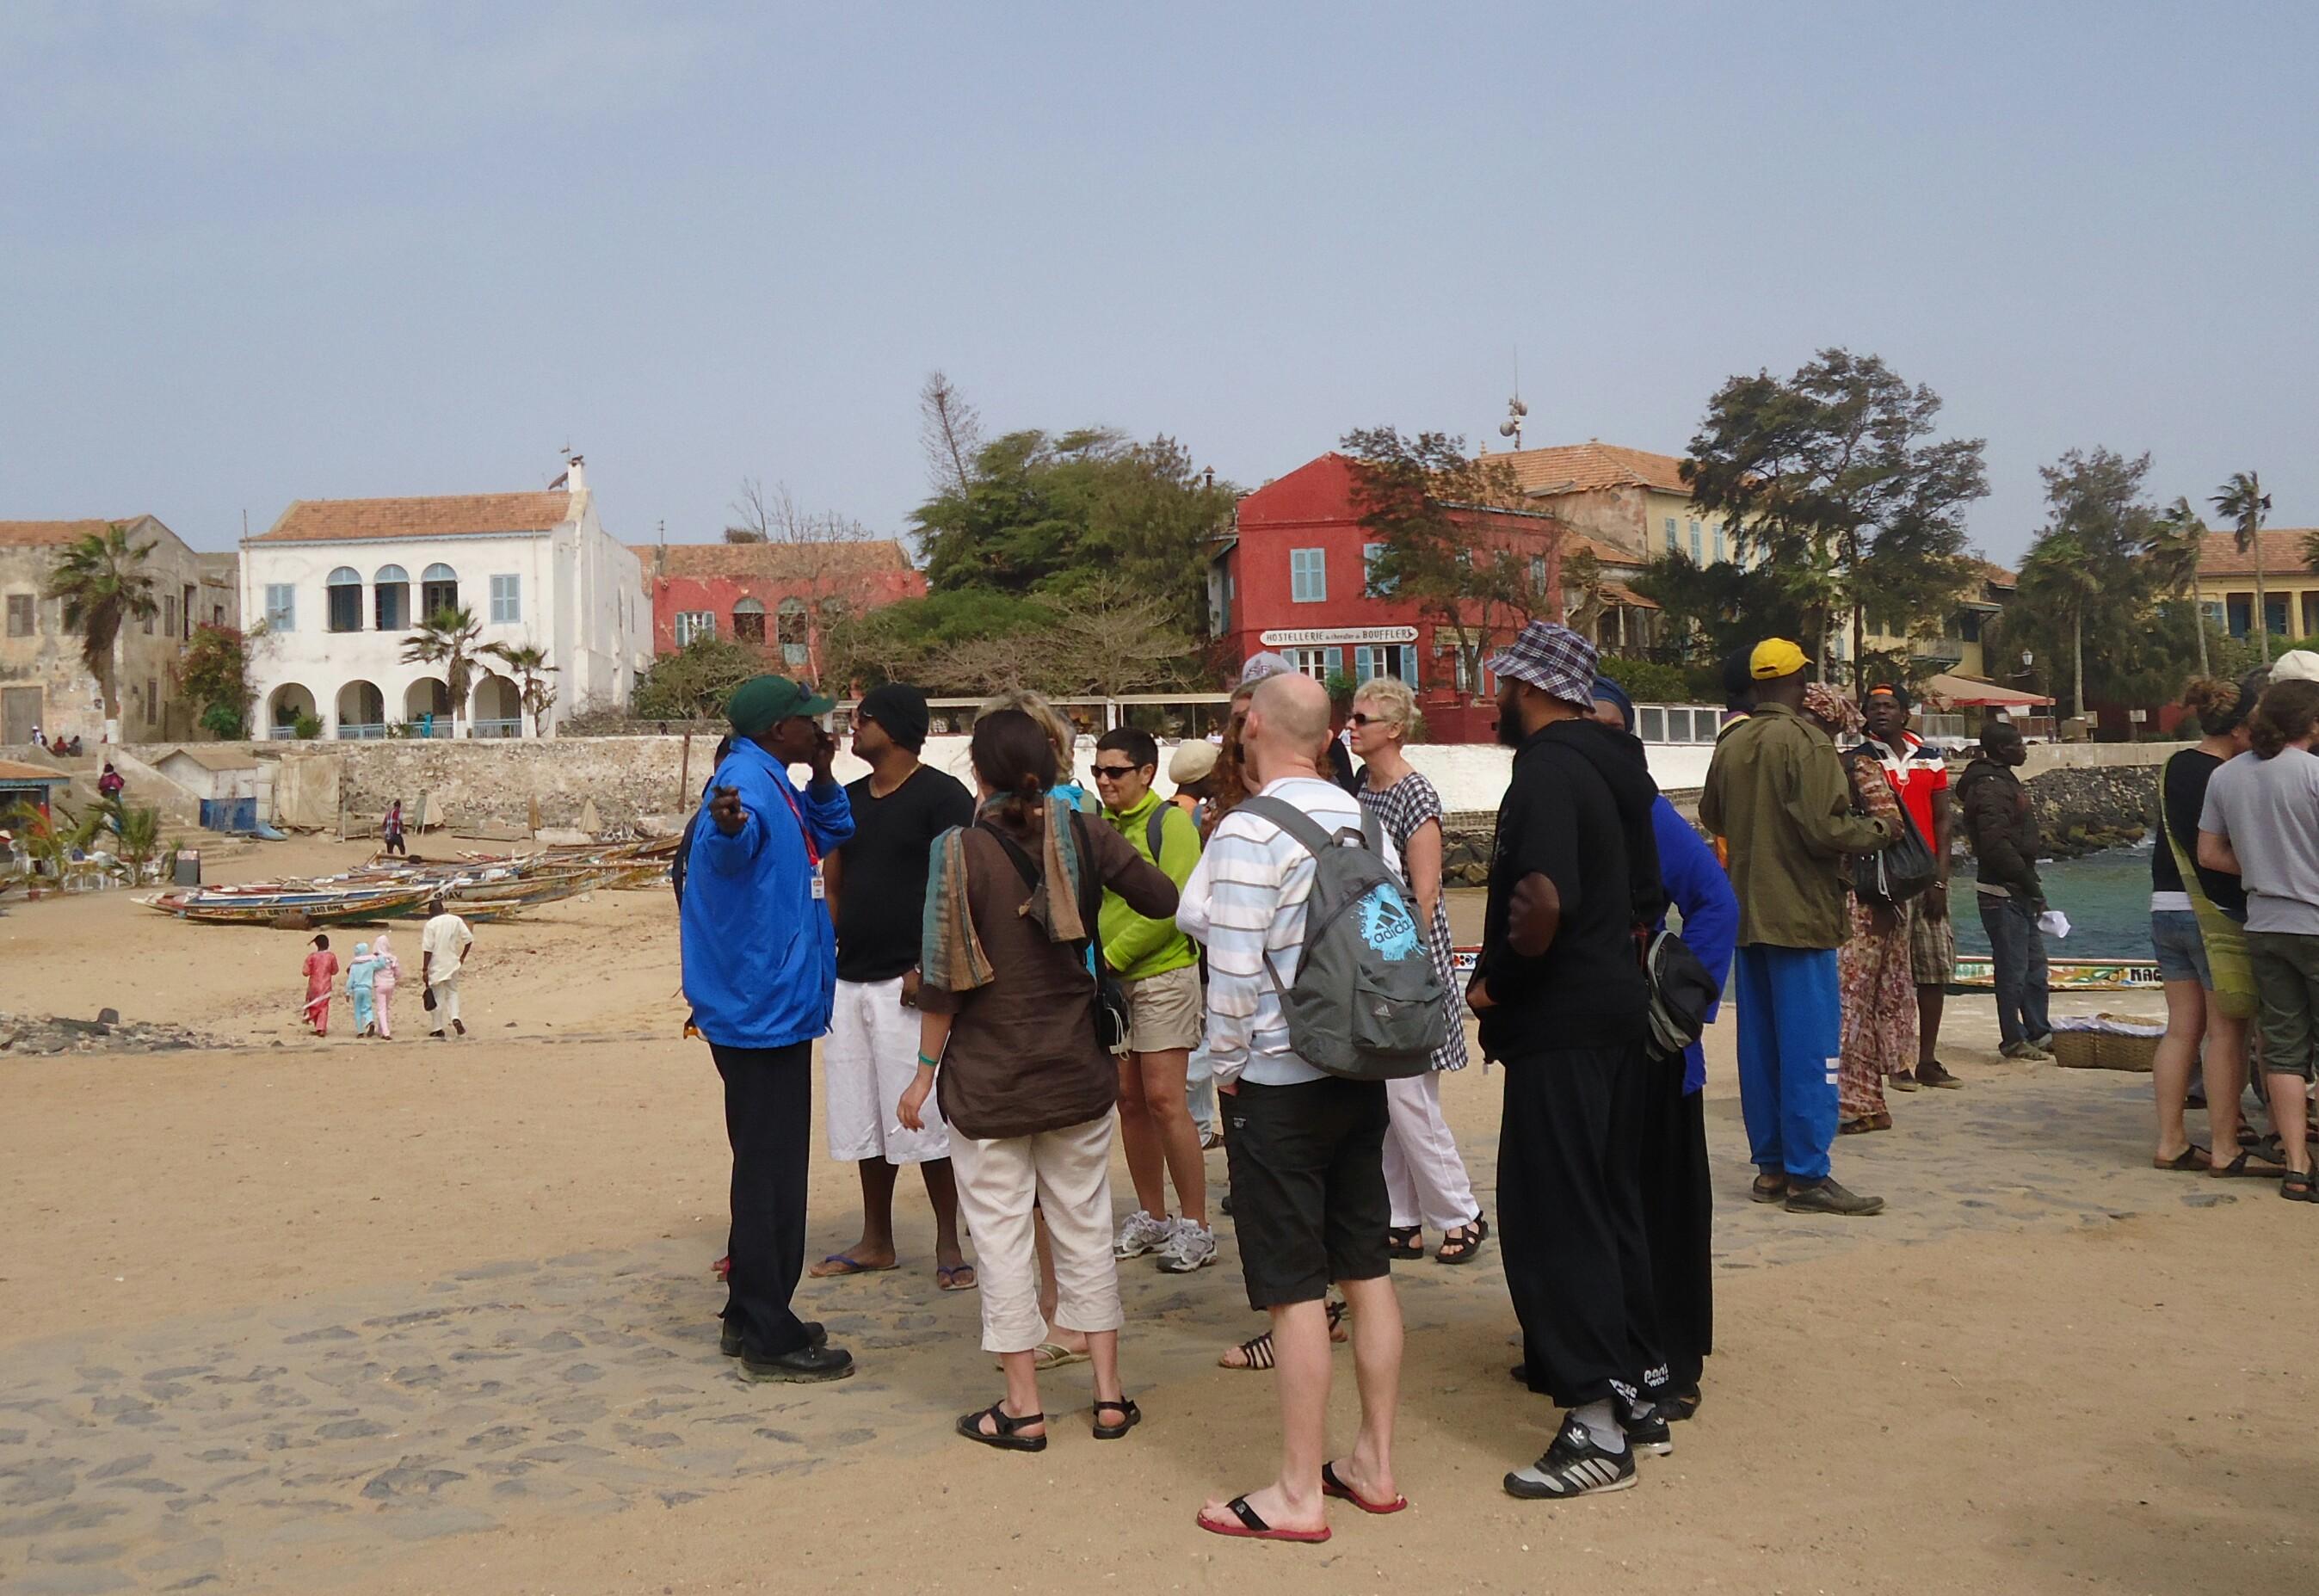 Sur place, déjà des touristes avant notre arrivée